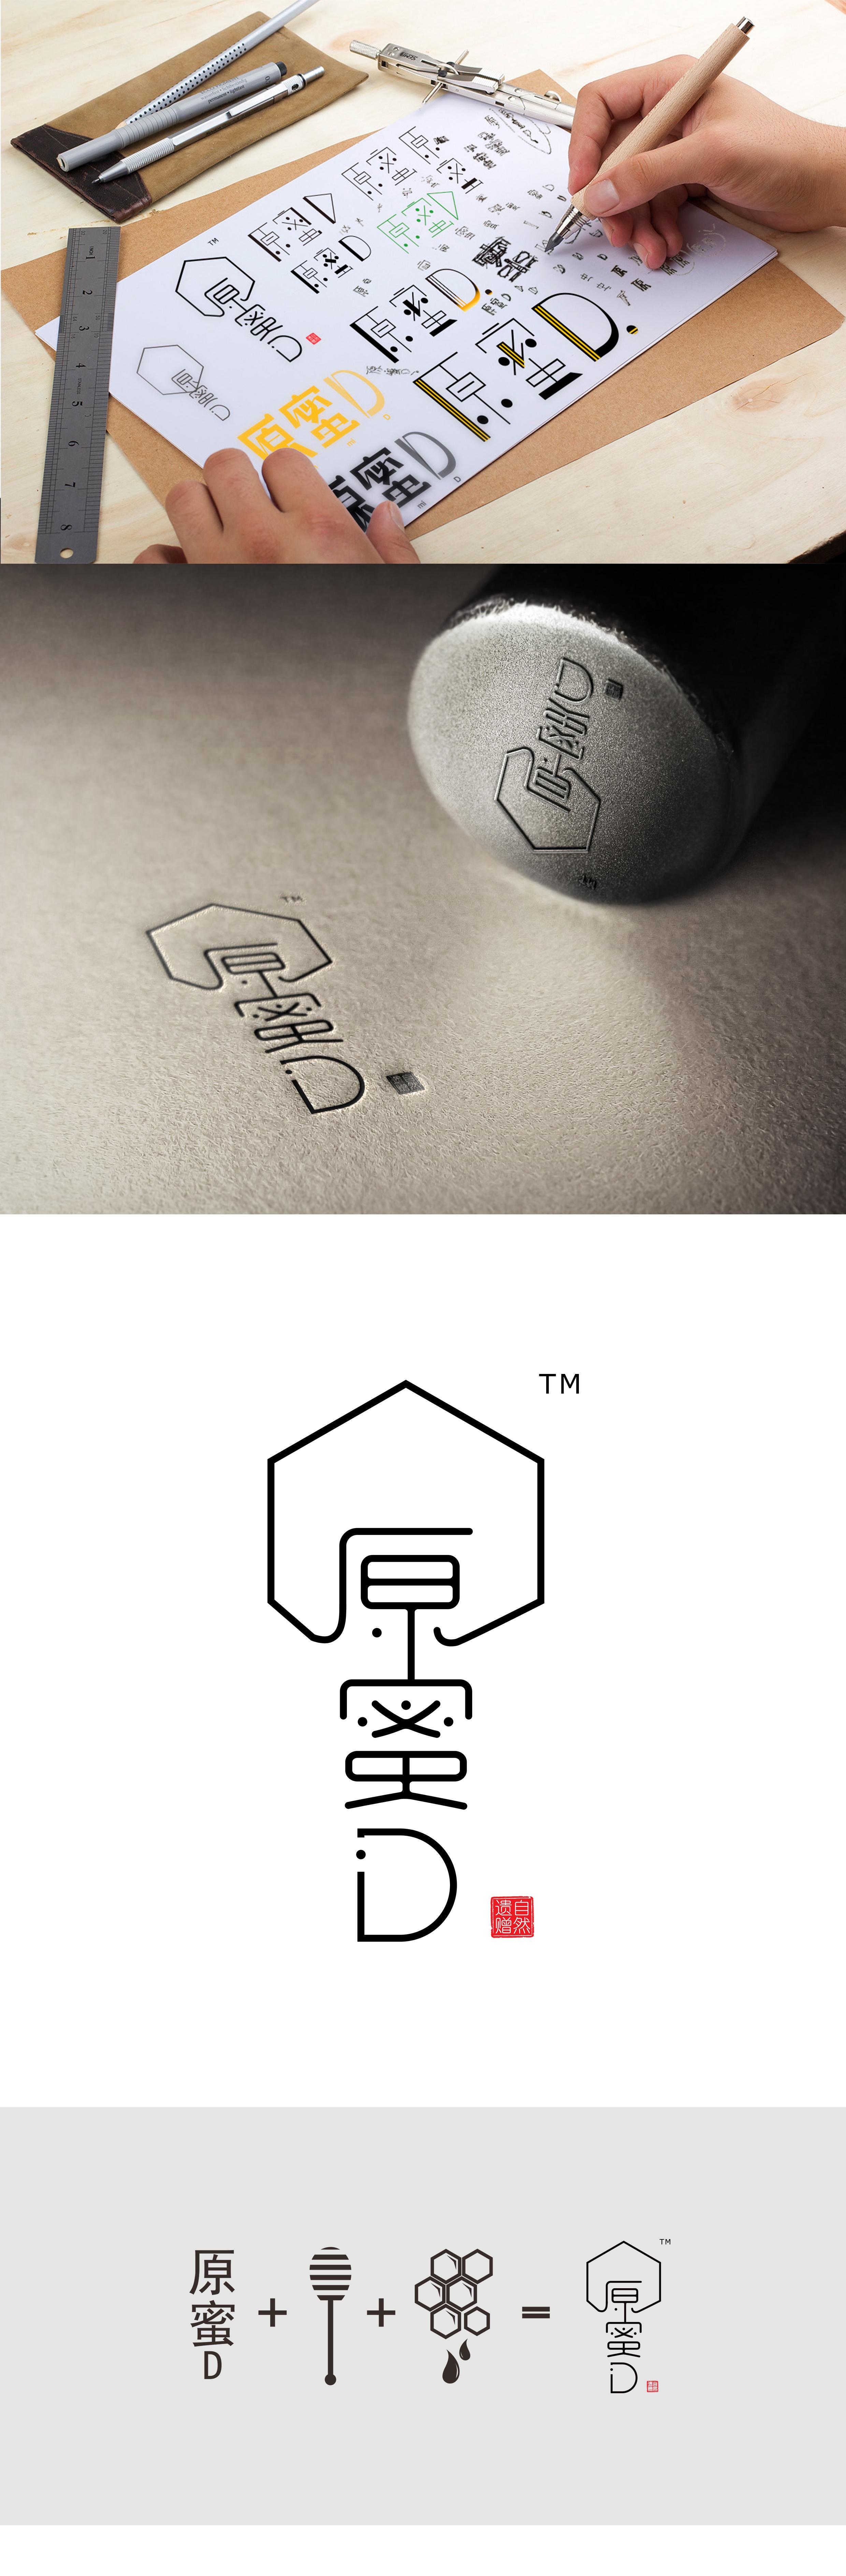 原蜜d-蜂蜜logo设计方案|平面|标志|owen欧文 - 原创图片